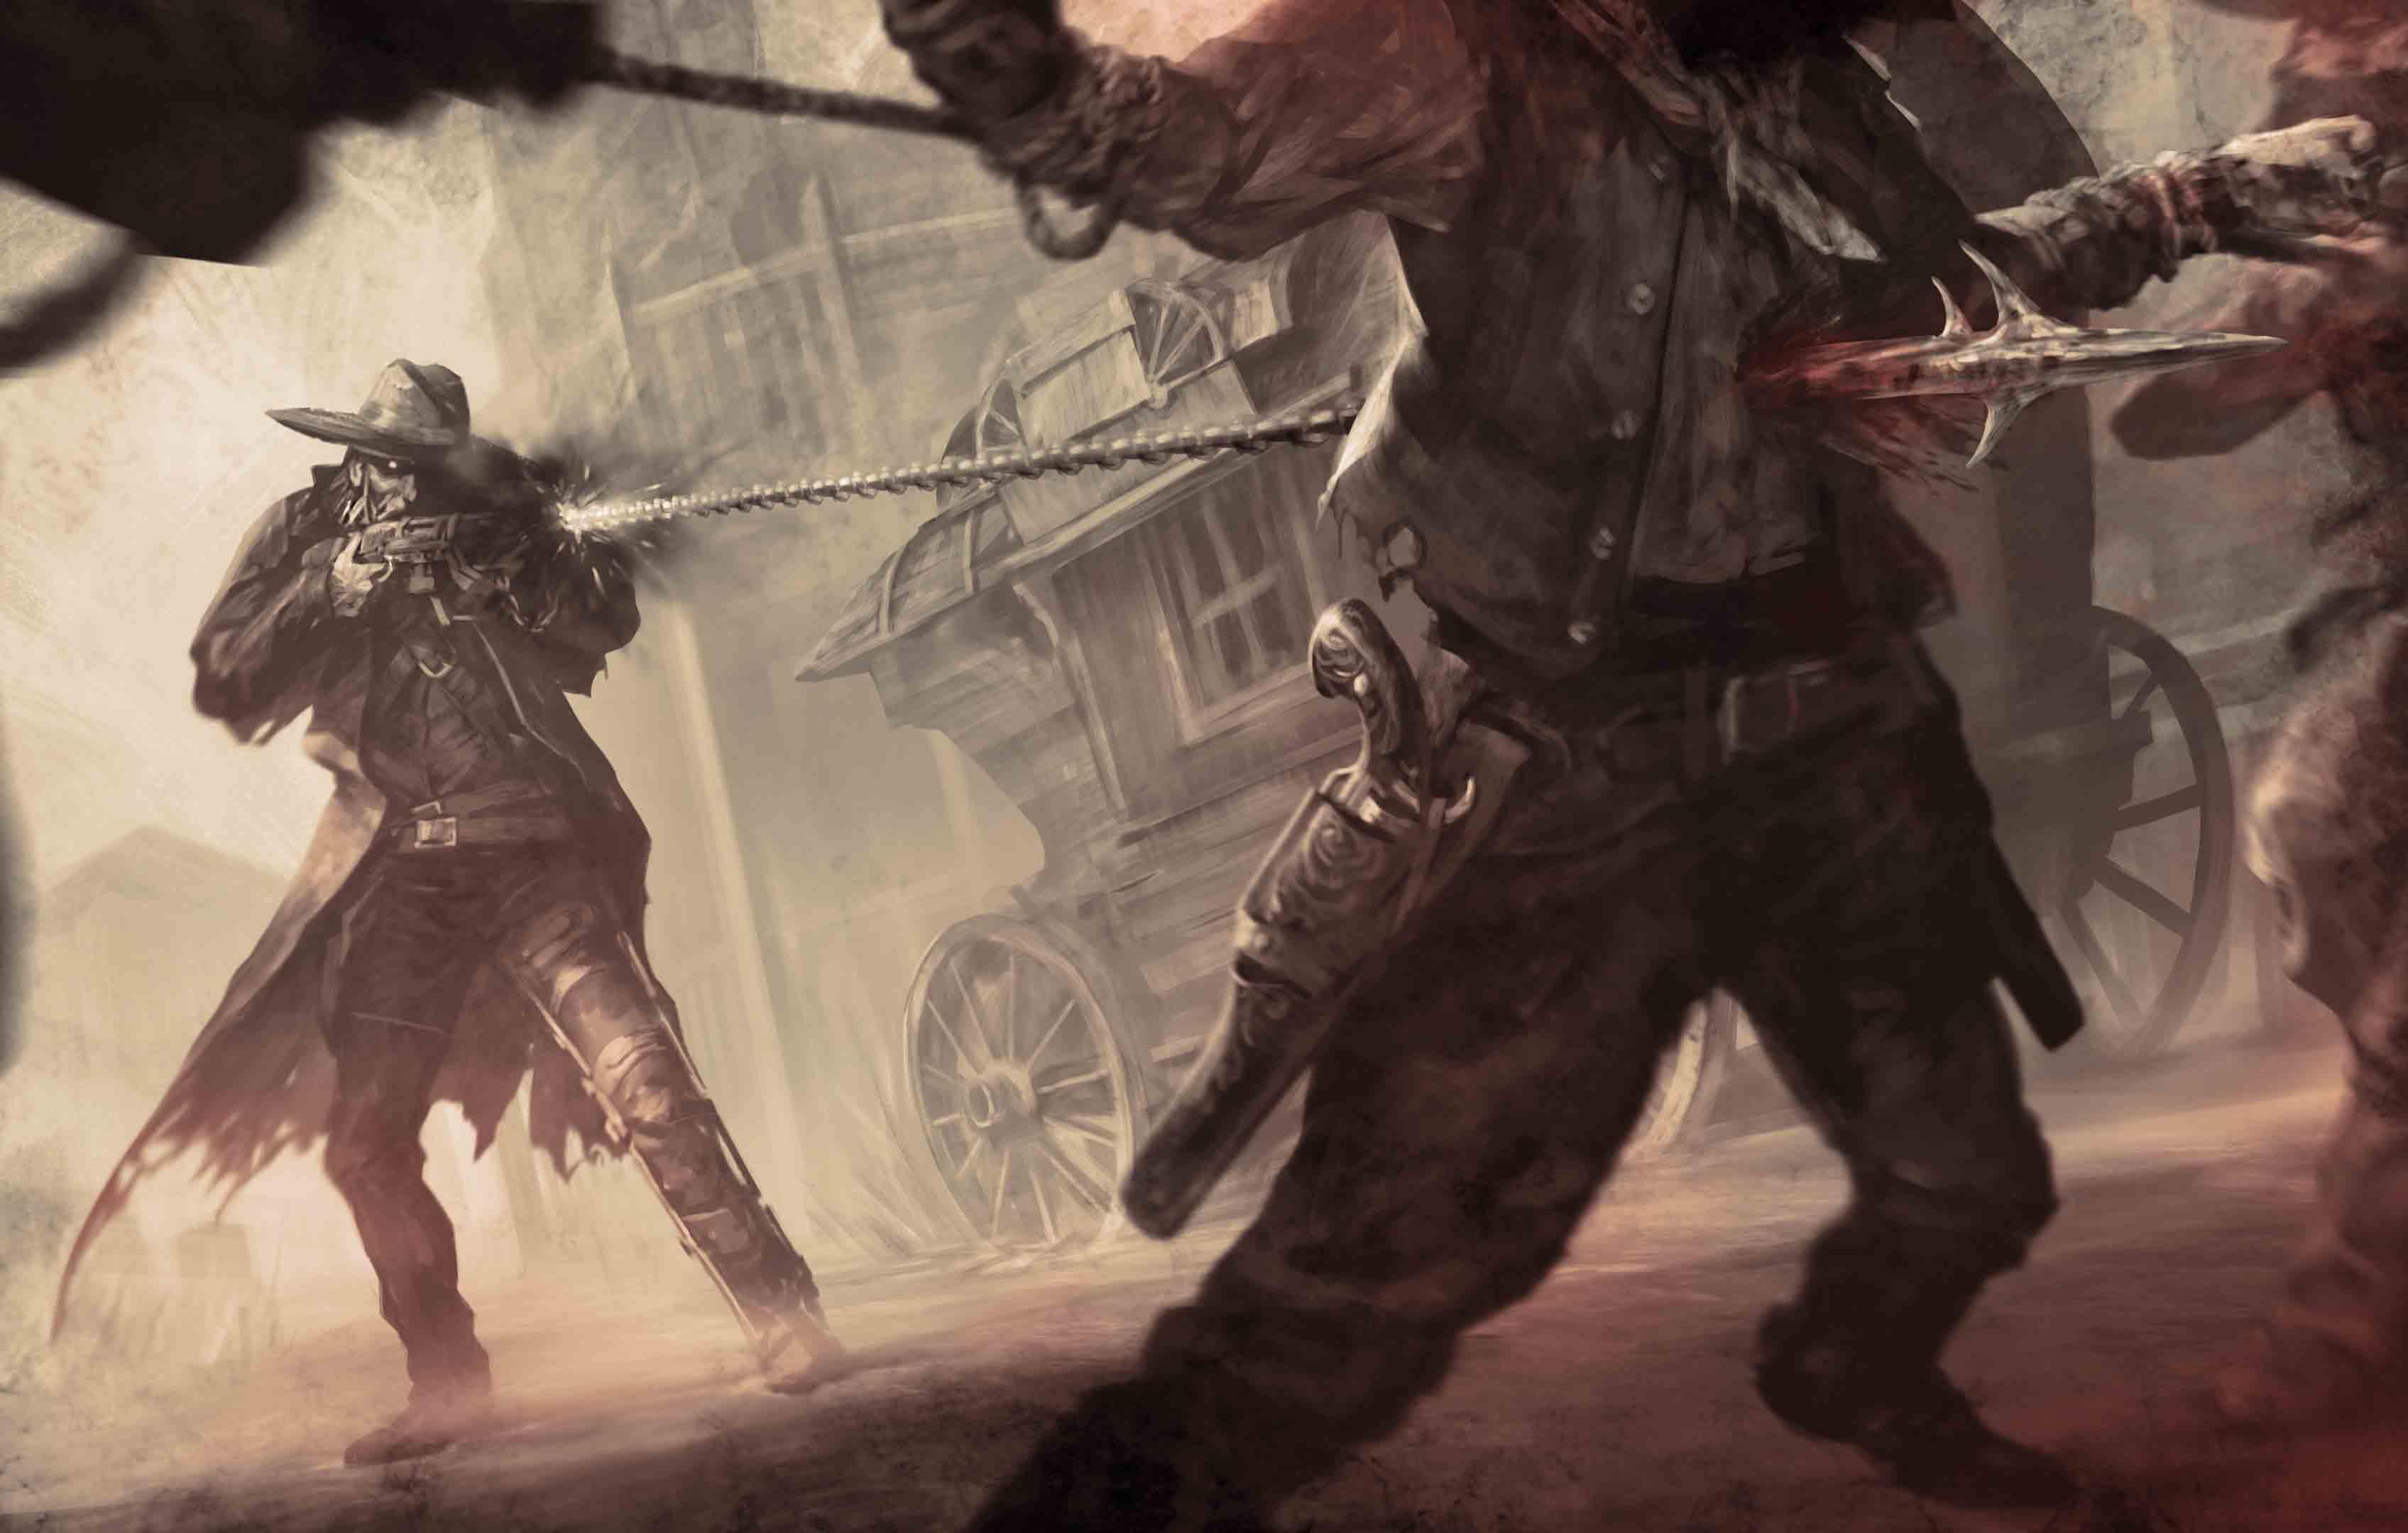 El nuevo asesino de Dead by Daylight es un cowboy zombi: conoce todos sus poderes 4